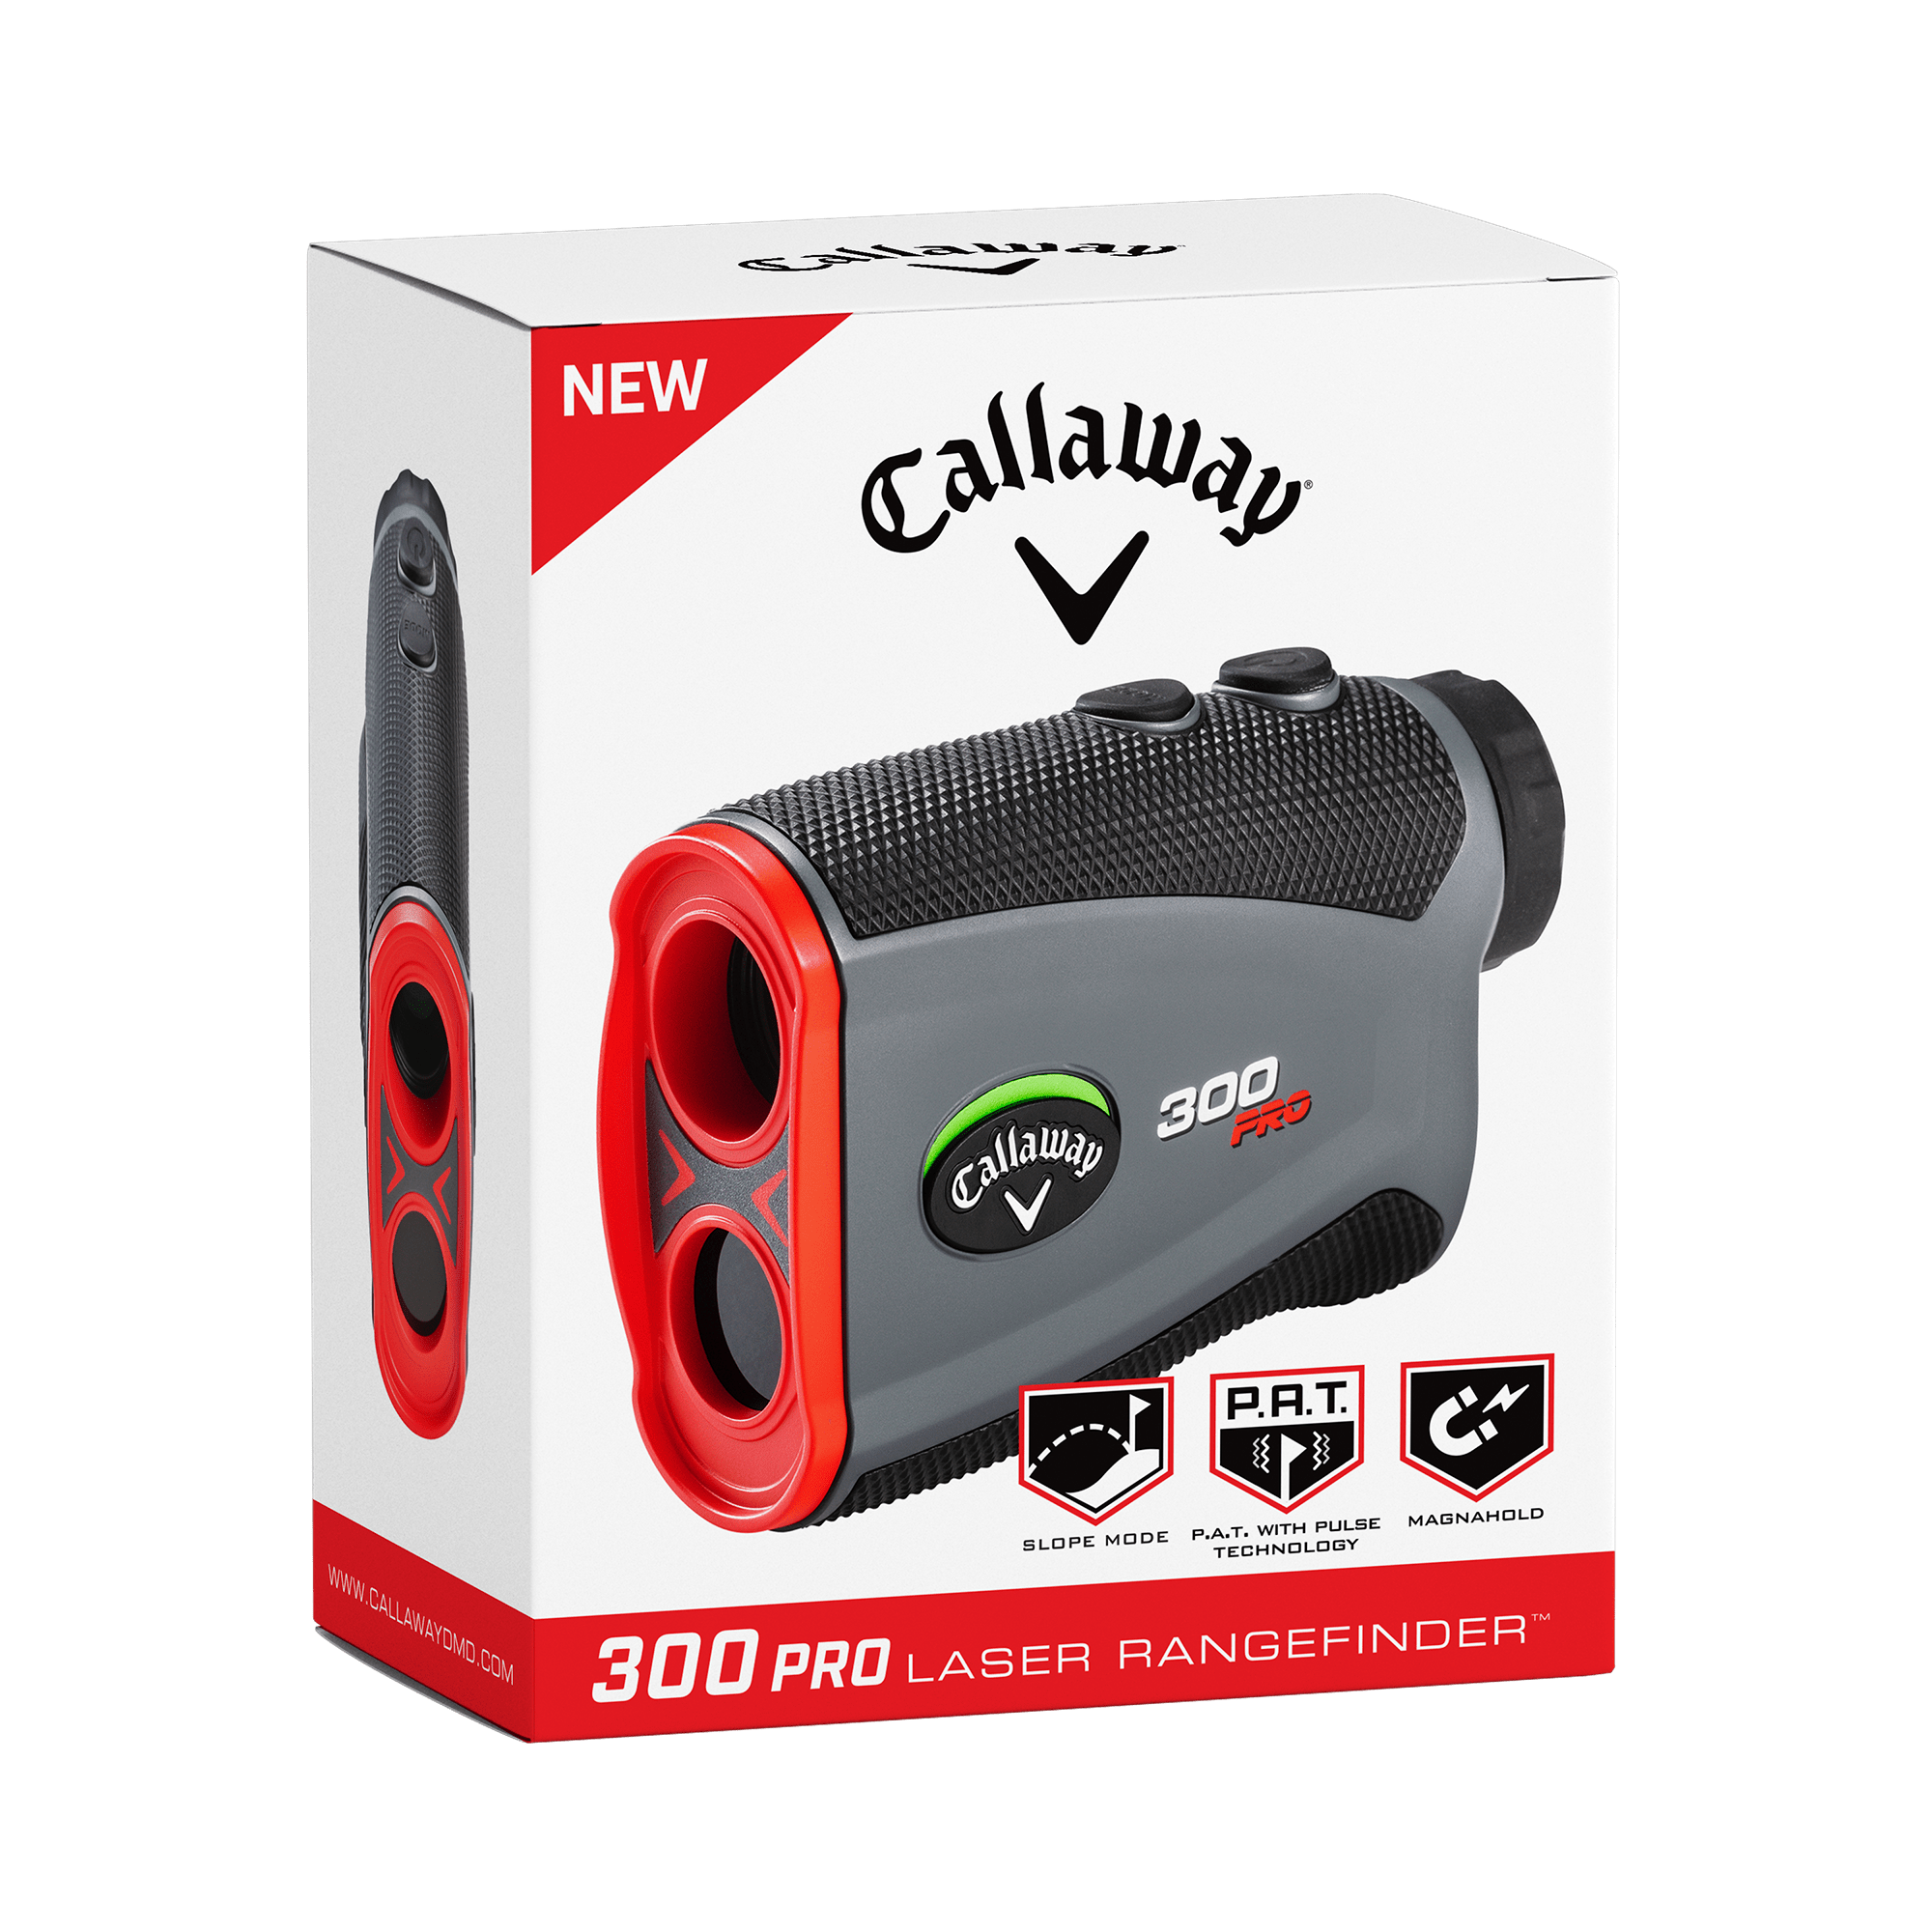 300 Pro Laser Rangefinder - View 4